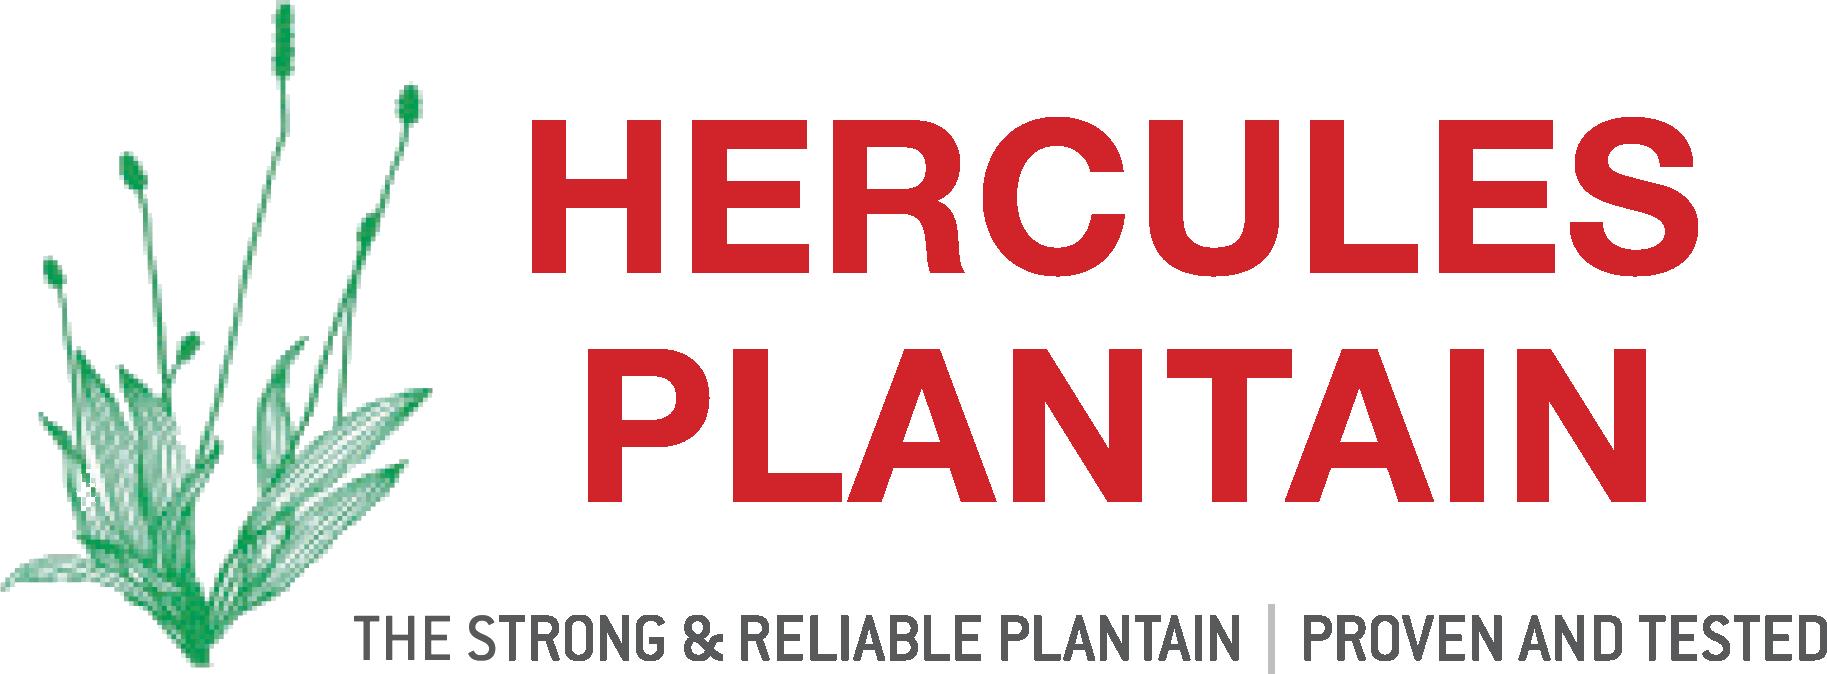 hercules-plantain